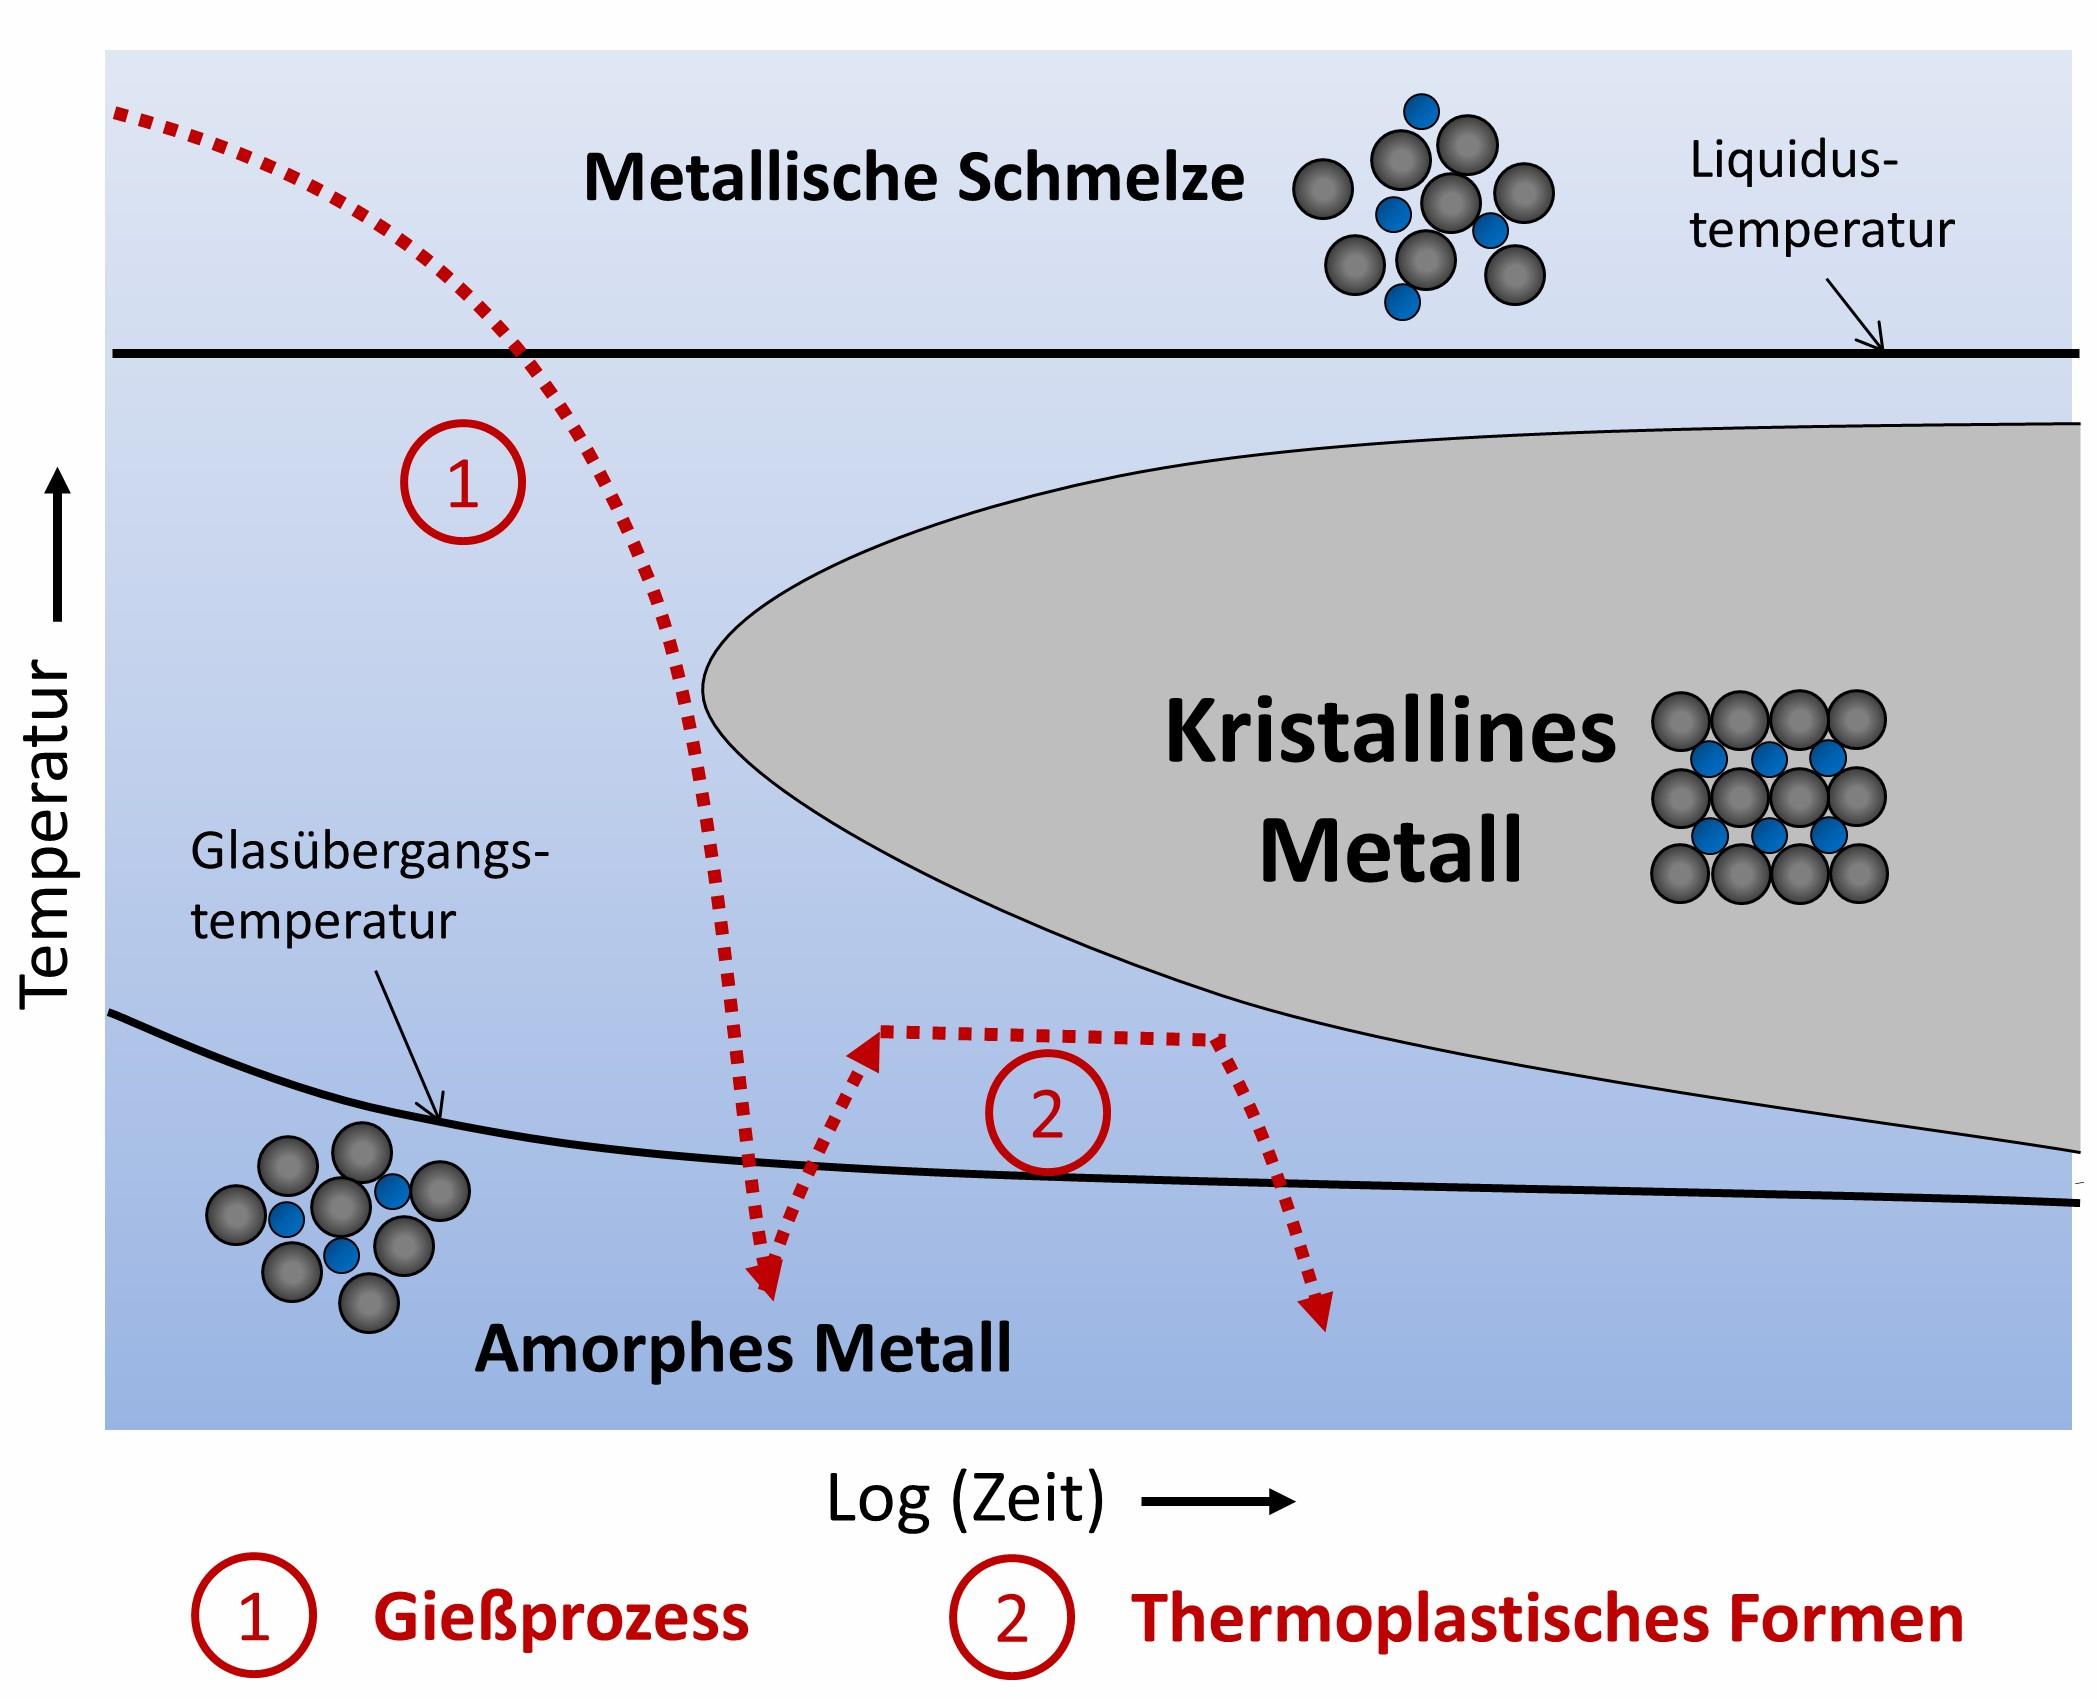 Bild 3: Schematisches Zeit-Temperatur-Umwandlungsdiagramm (ZTU-Diagramm) einer glasbildenden Legierung. Die gestrichelte Linie 1 zeigt die erforderliche Abkühlrate beim Gießprozess, um die Kristallisation zu vermeiden. Nach der Herstellung eines amorphen Bauteils kann beispielsweise ein weiterer Formgebungsschritt durch Aufheizen über die Glasübergangstemperatur (sogenanntes thermoplastisches Formen – vergleichbar mit dem Glasblasen) angeschlossen werden (Linie 2). (Bild: Universität des Saarlandes)